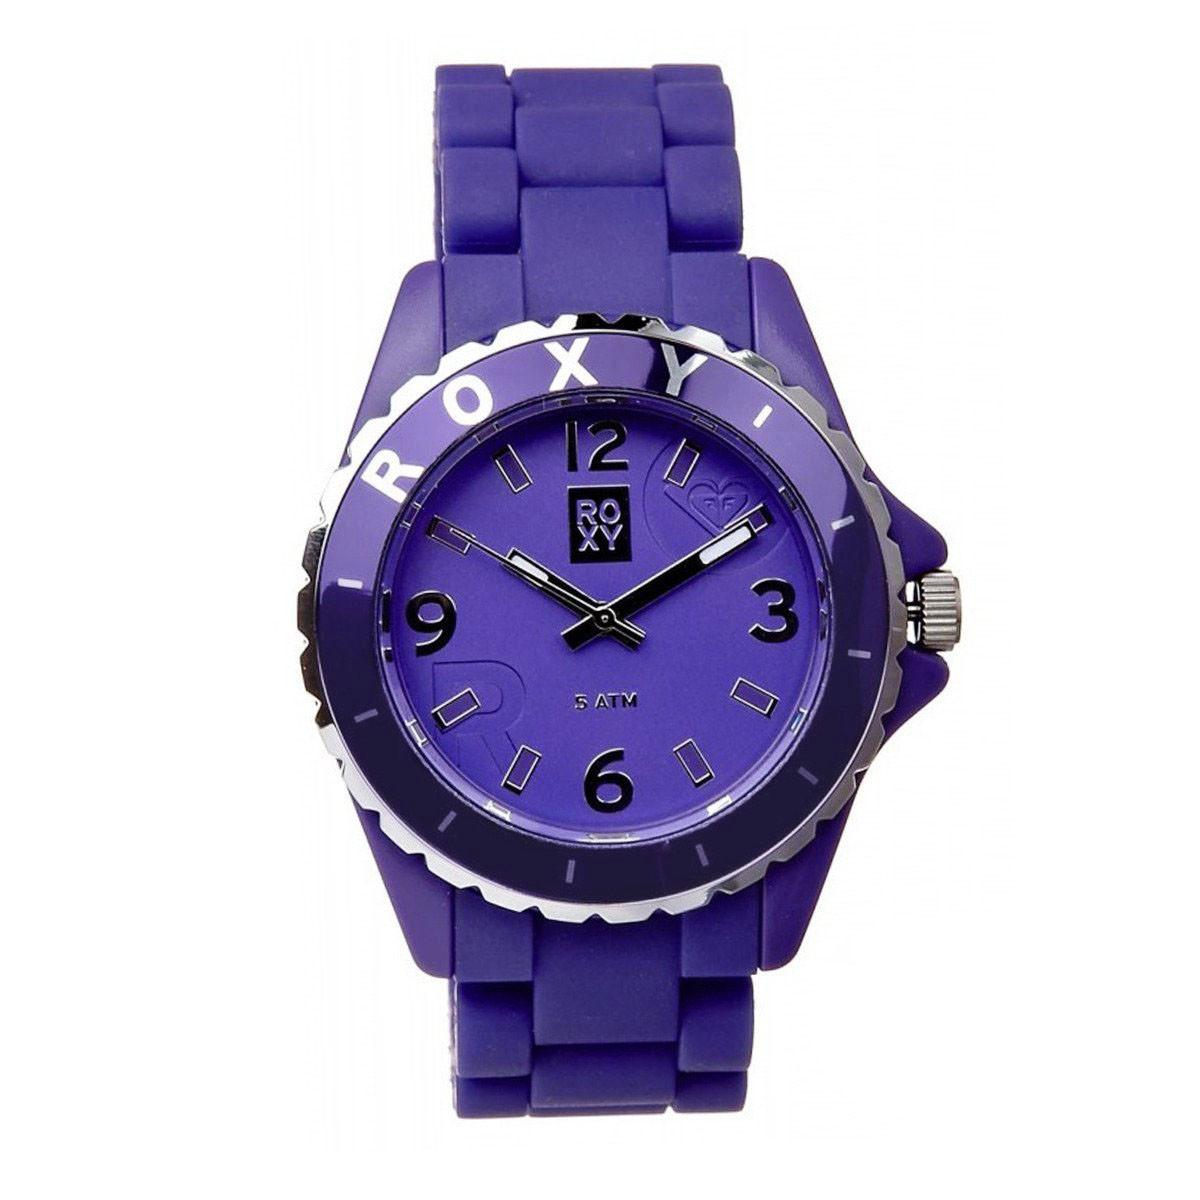 Жіночий годинник ROXY JAM W205BR APUR